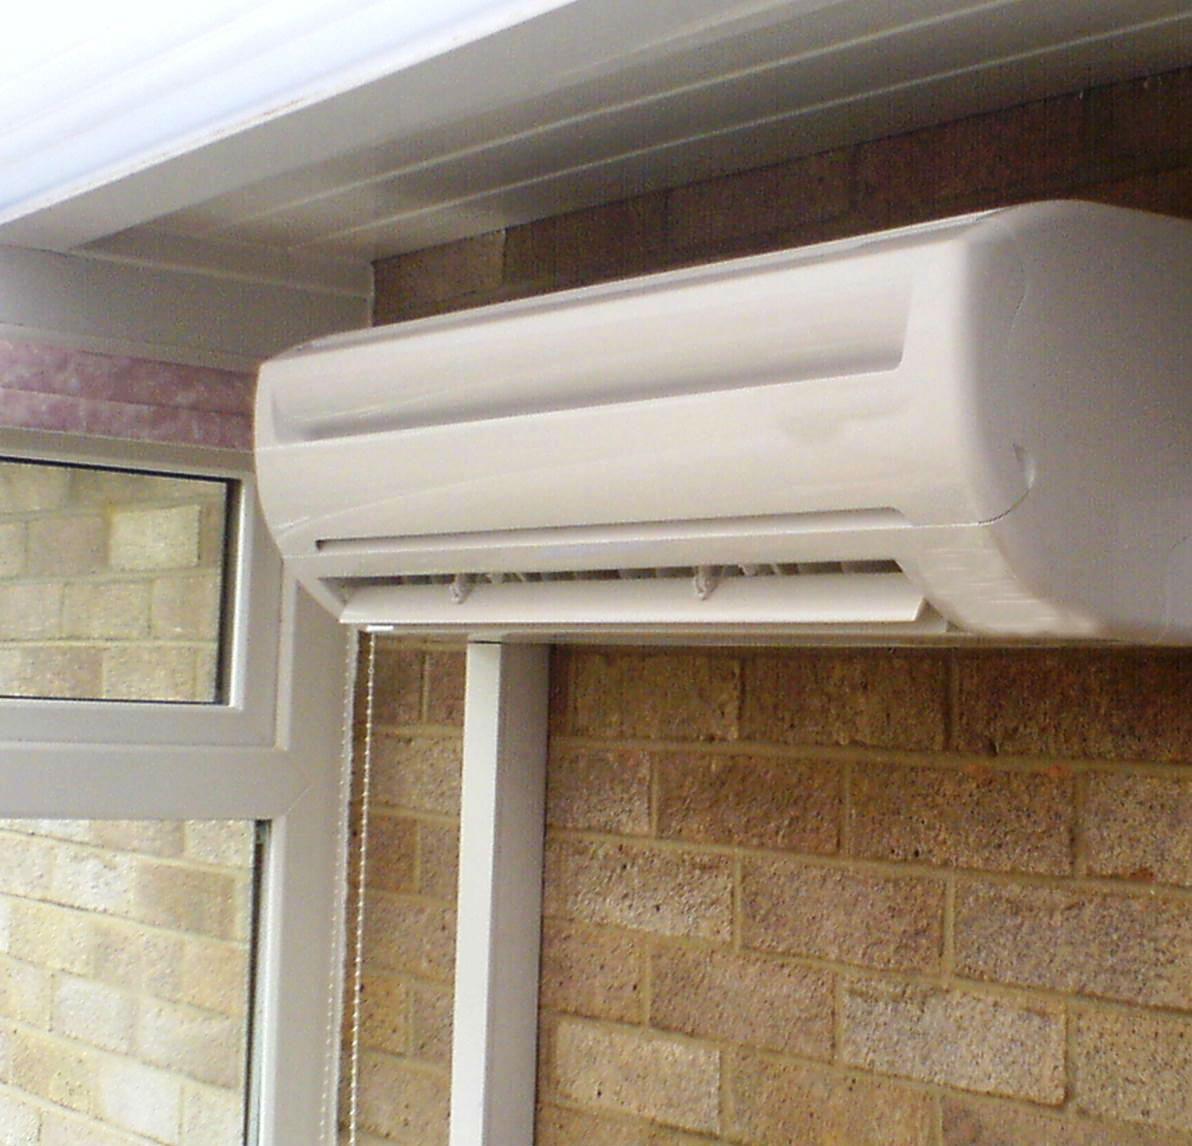 Algunas soluciones de aire acondicionado permite un filtro de aire para eliminar virus, bacterias, agentes alérgicos, olores y humos.